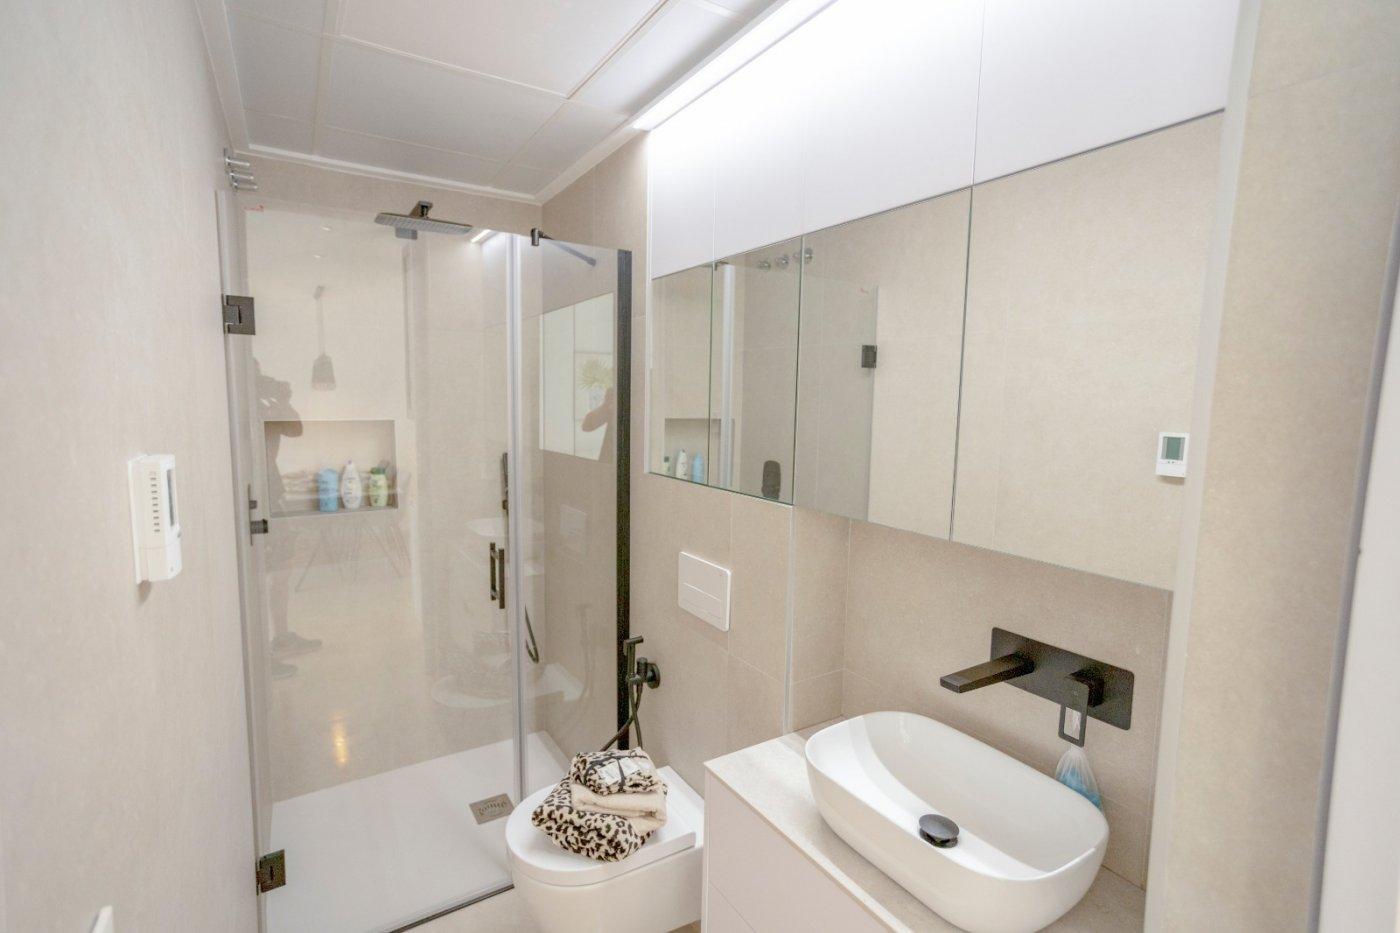 Apartamento moderno en san pedro del pinatar - imagenInmueble19